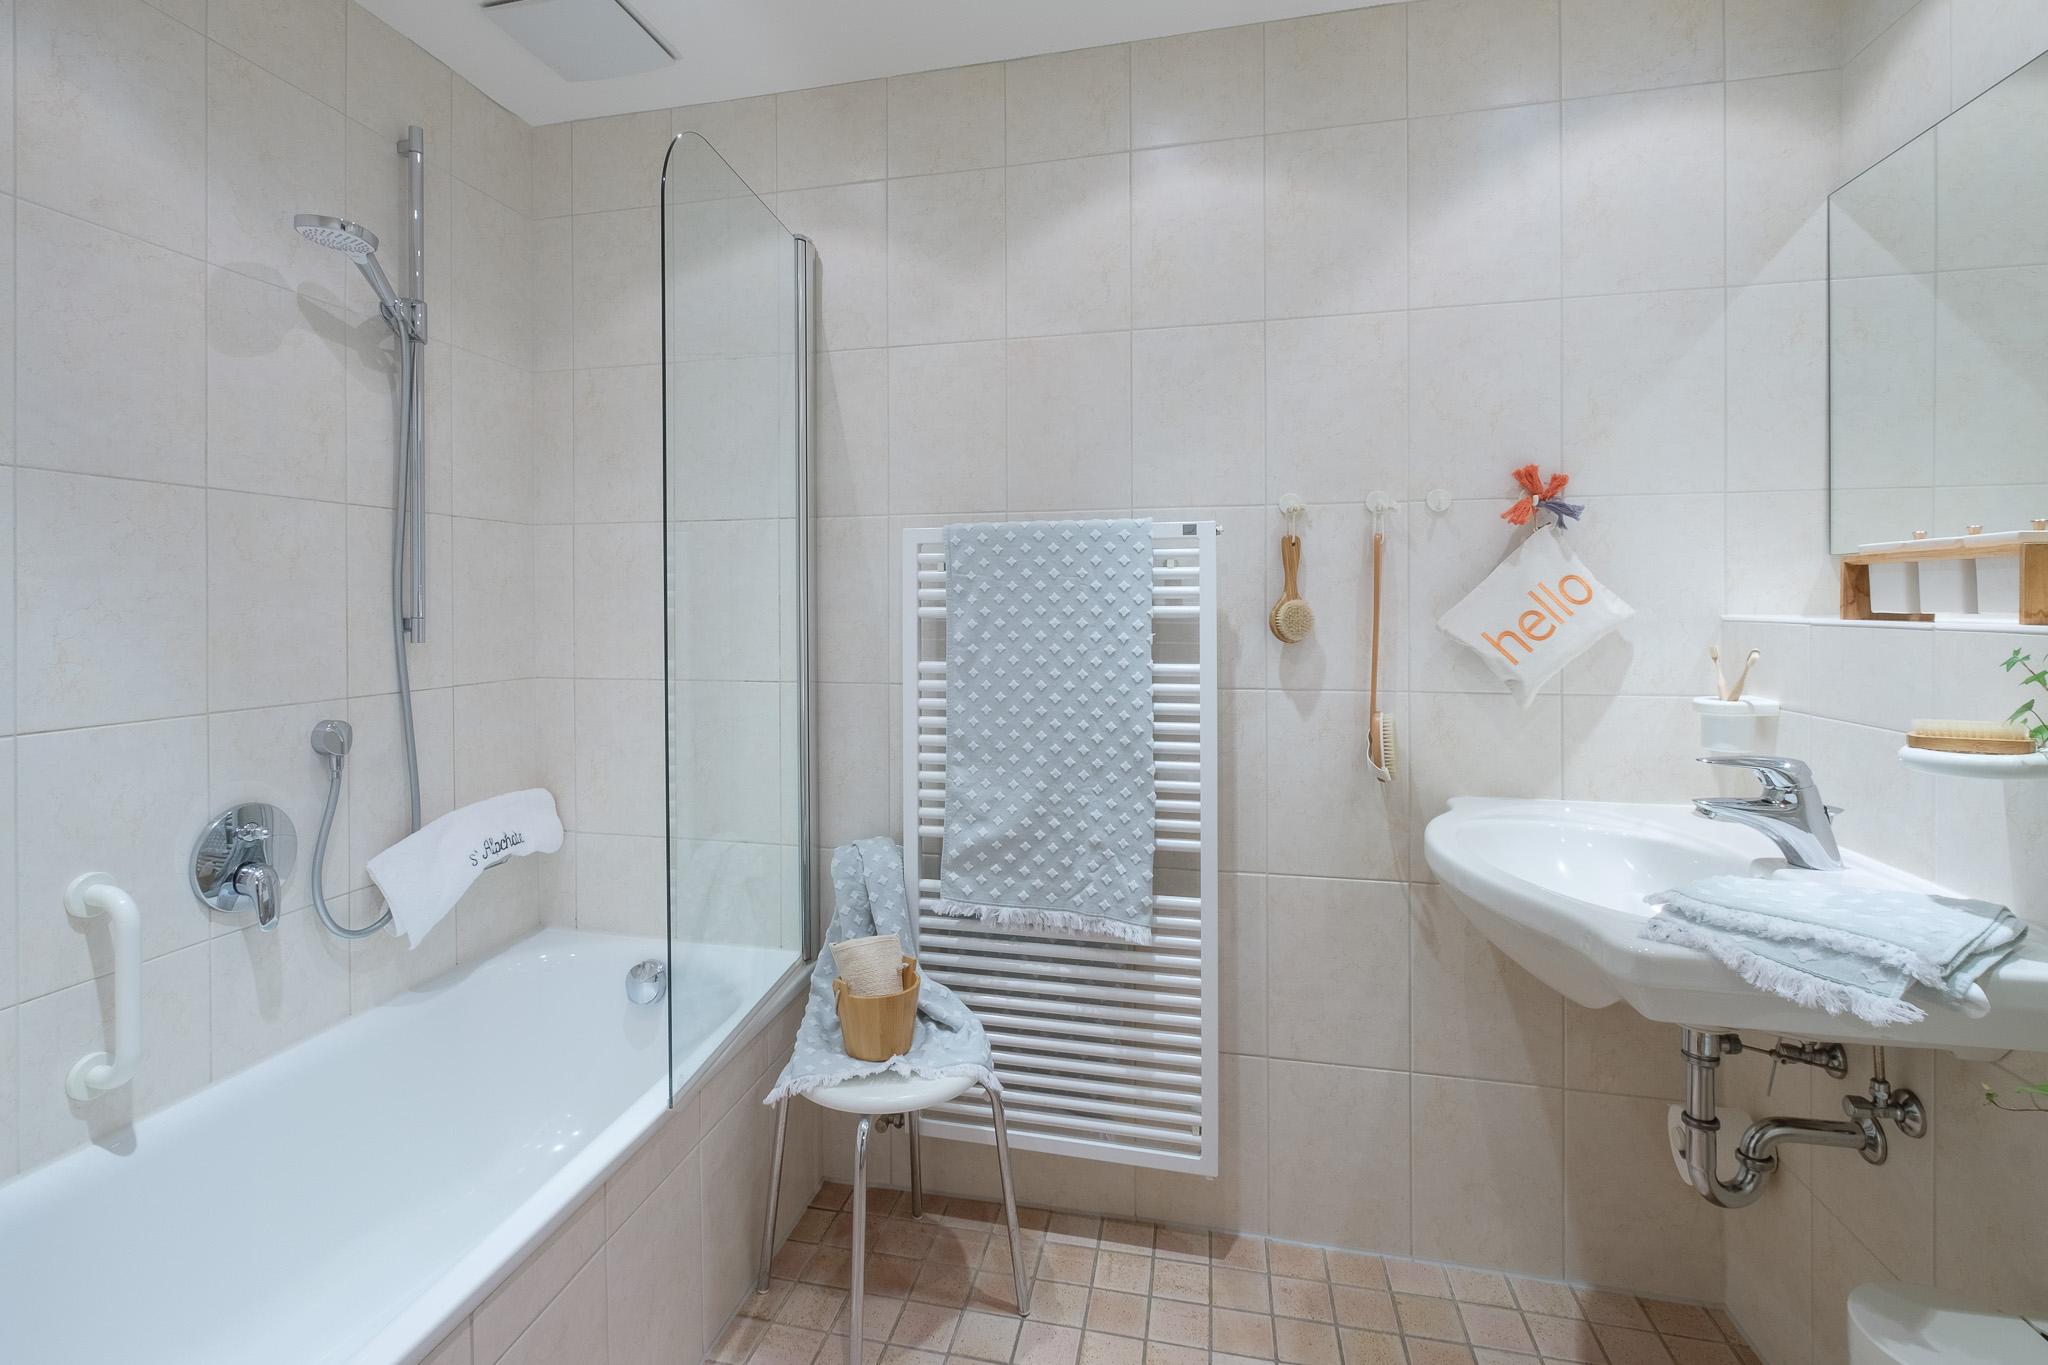 Badezimmer mit Badewanne und Dusche.